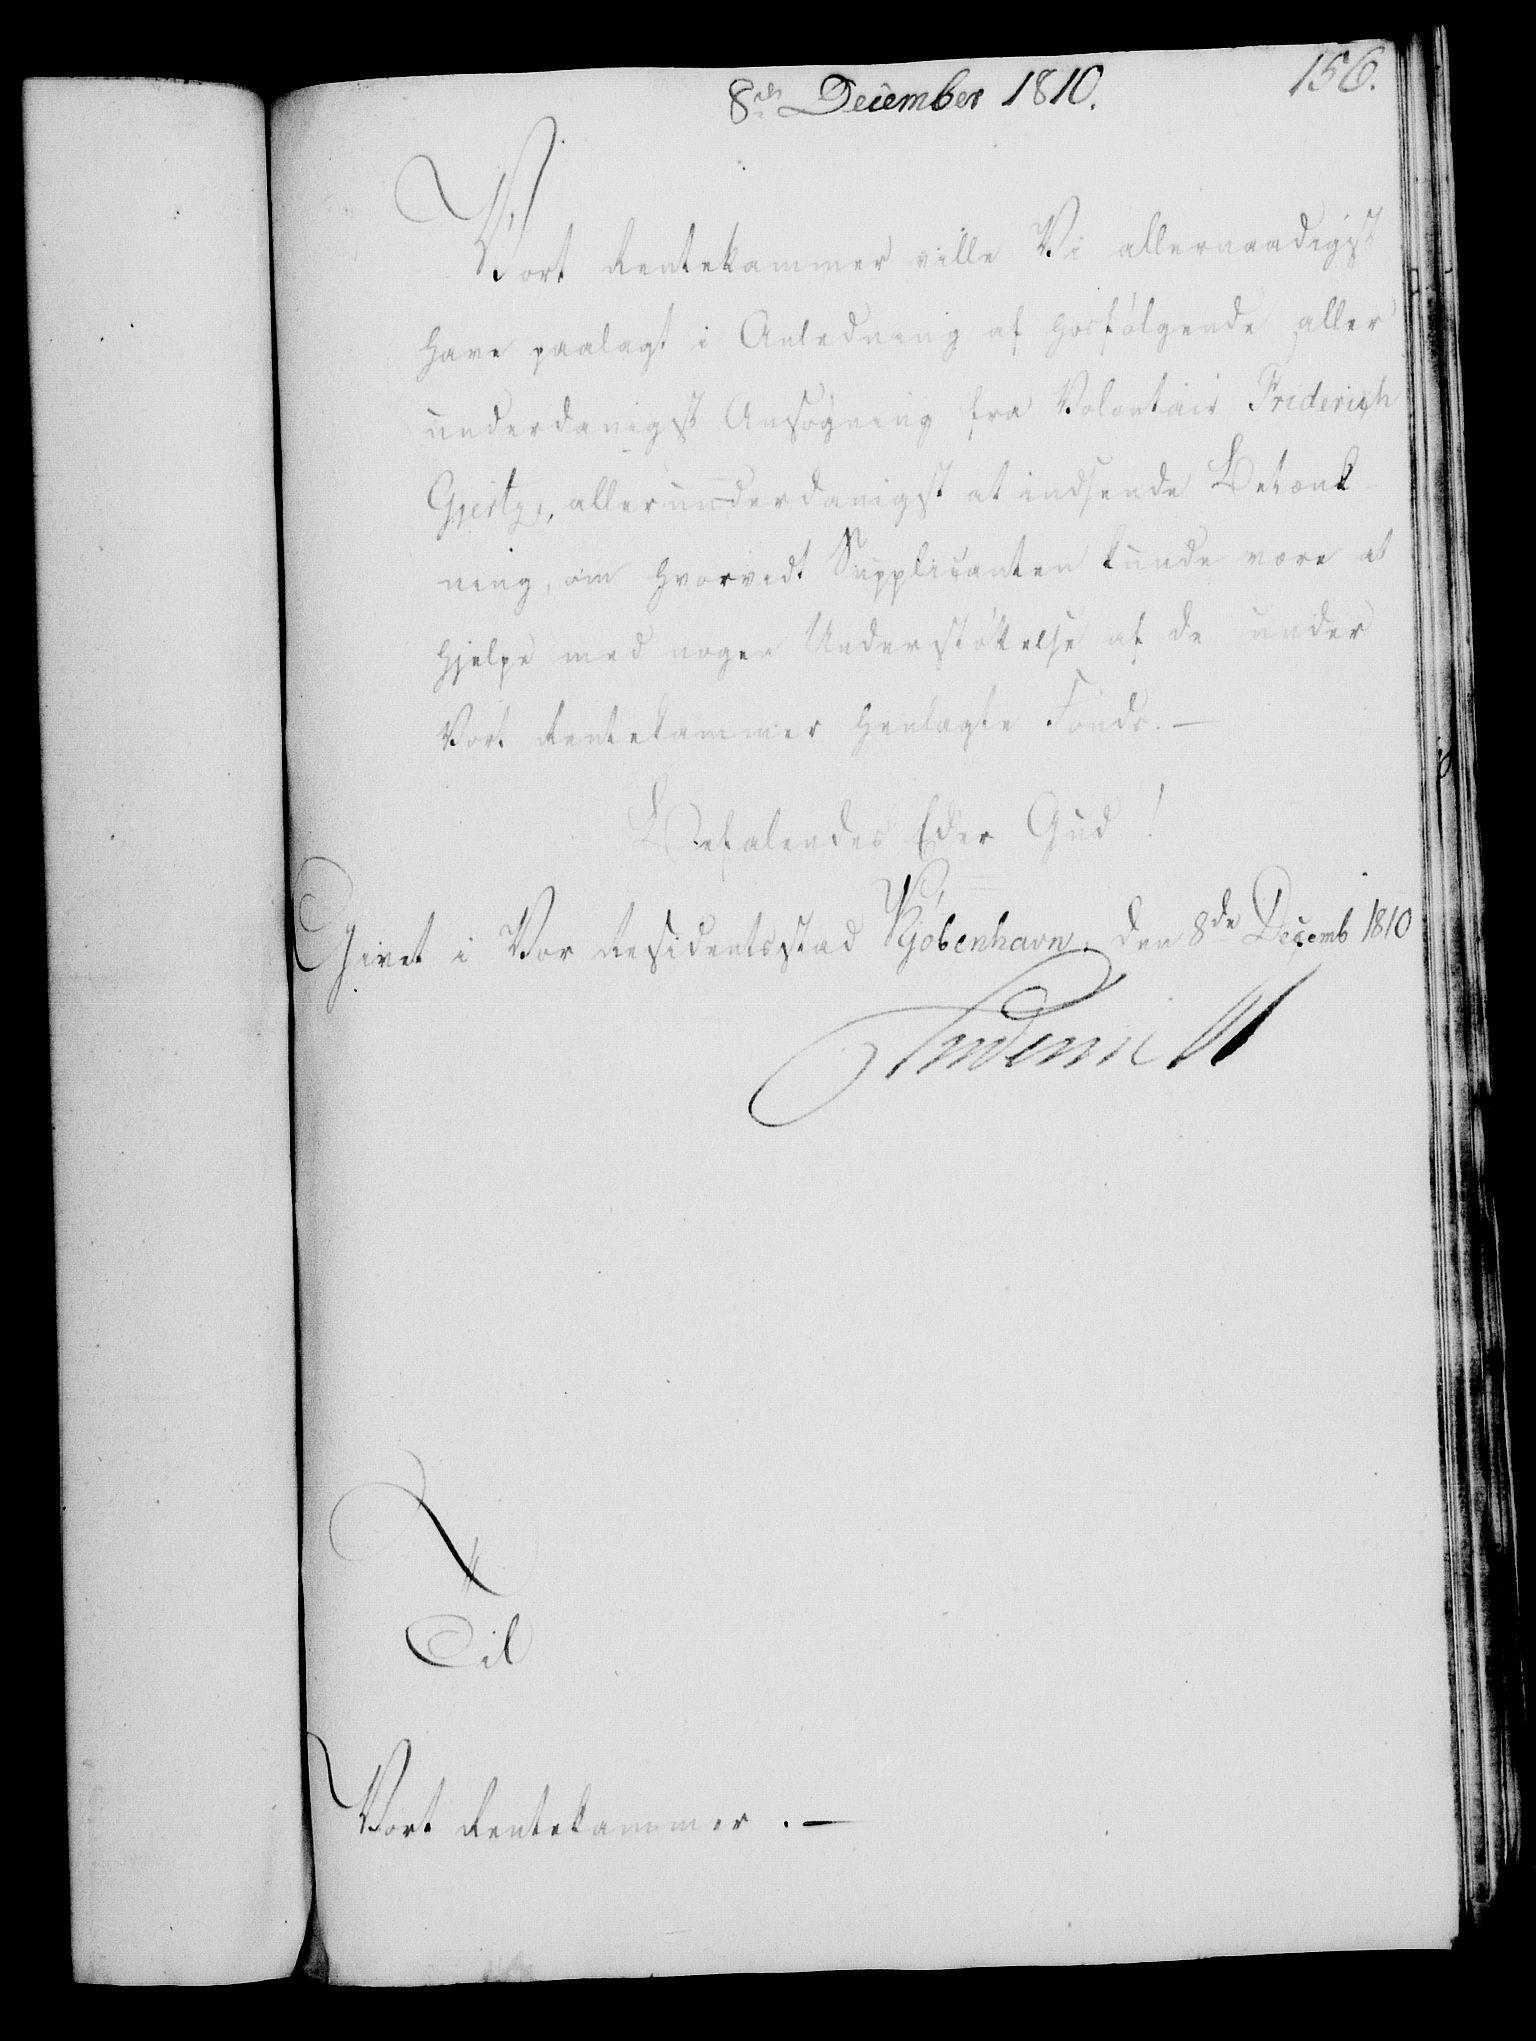 RA, Rentekammeret, Kammerkanselliet, G/Gf/Gfa/L0092: Norsk relasjons- og resolusjonsprotokoll (merket RK 52.92), 1810, s. 588